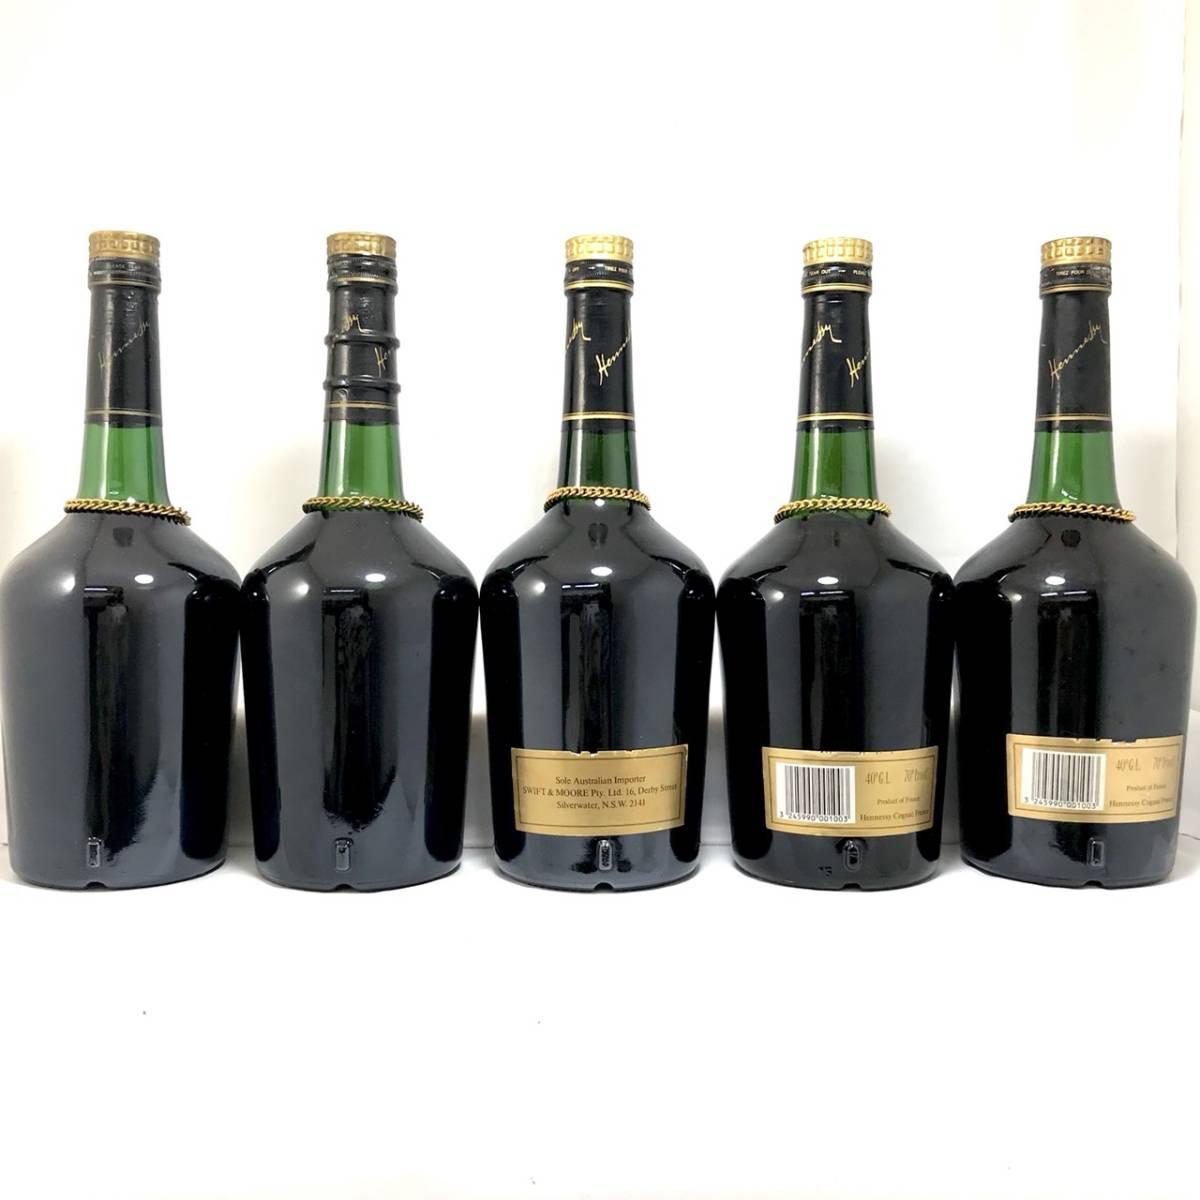 古酒 - Hennessy NAPOLEON BRASD'OR/ヘネシー ナポレオン ブラスドール 16本セット 700ml 40% ブランデー コニャック 未開栓_画像3